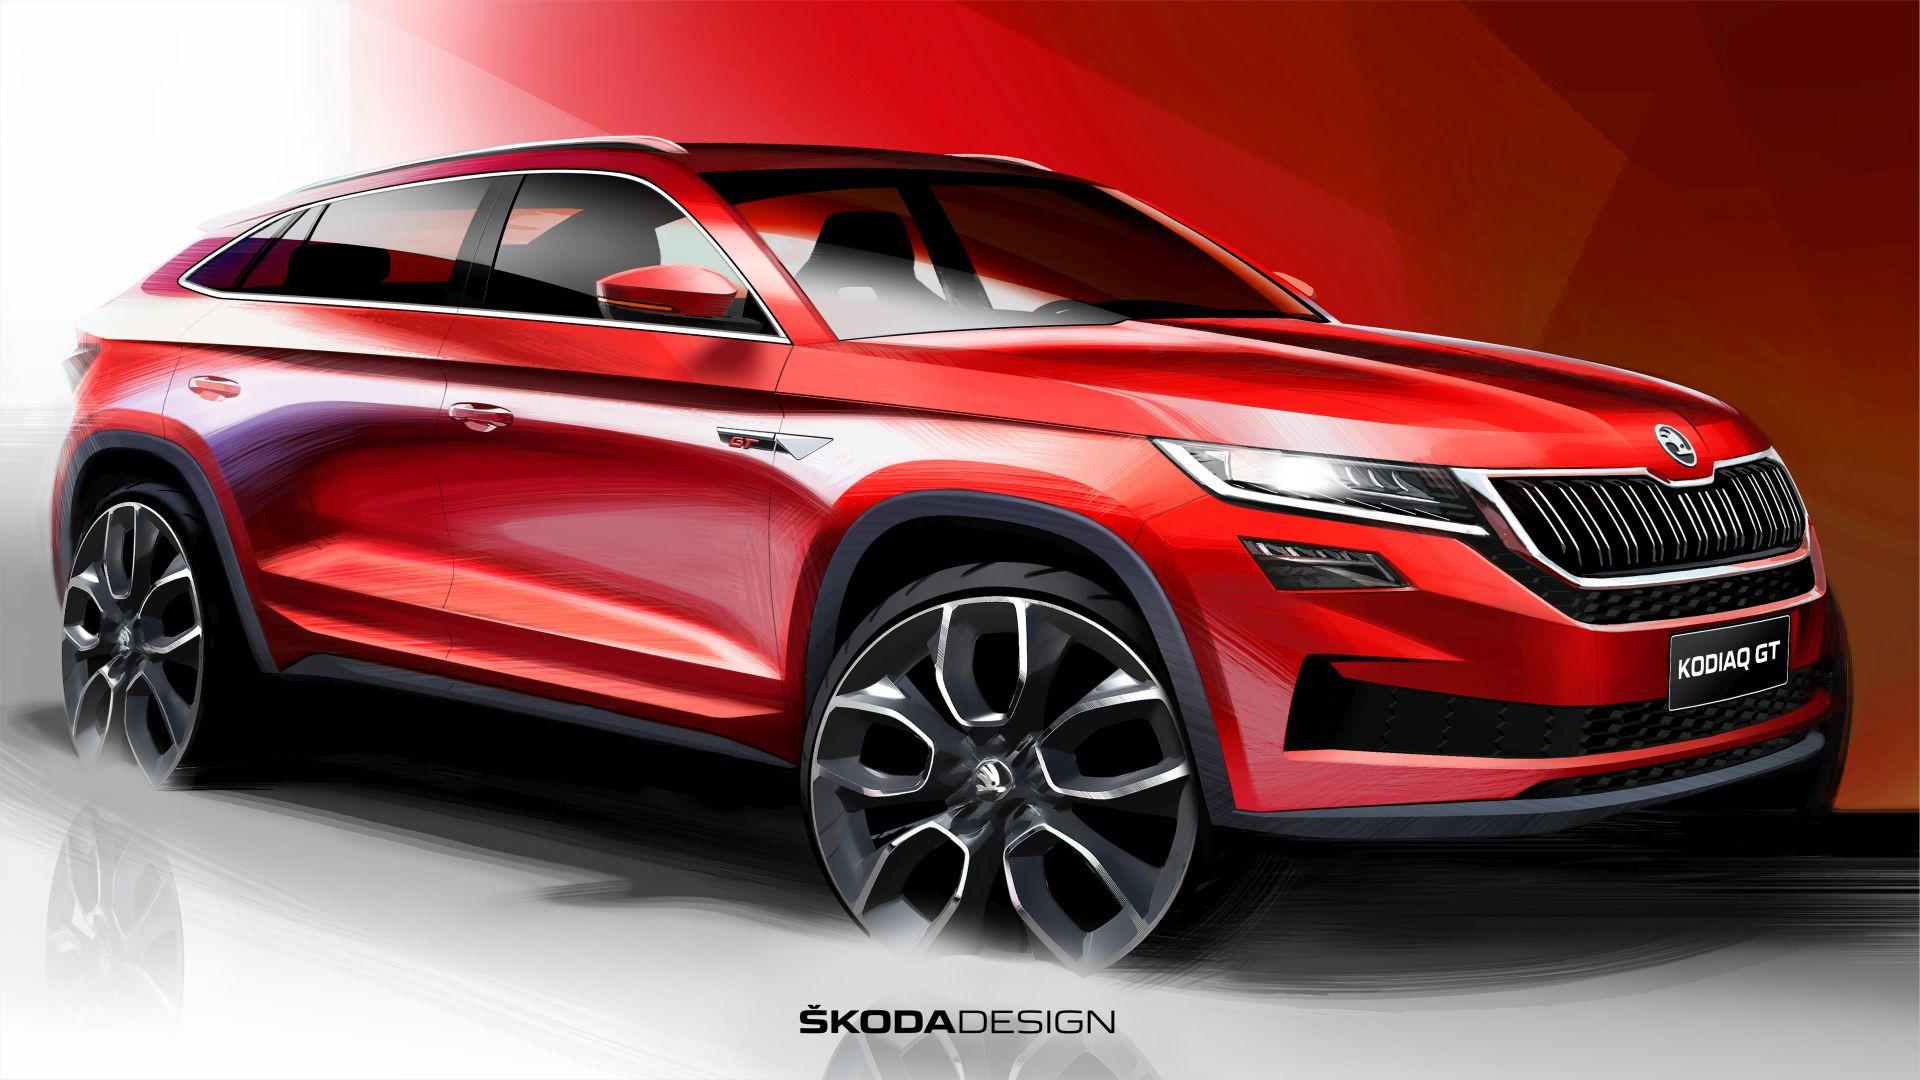 První skica modelu Škoda Kodiaq GT. Foto: Škoda Auto